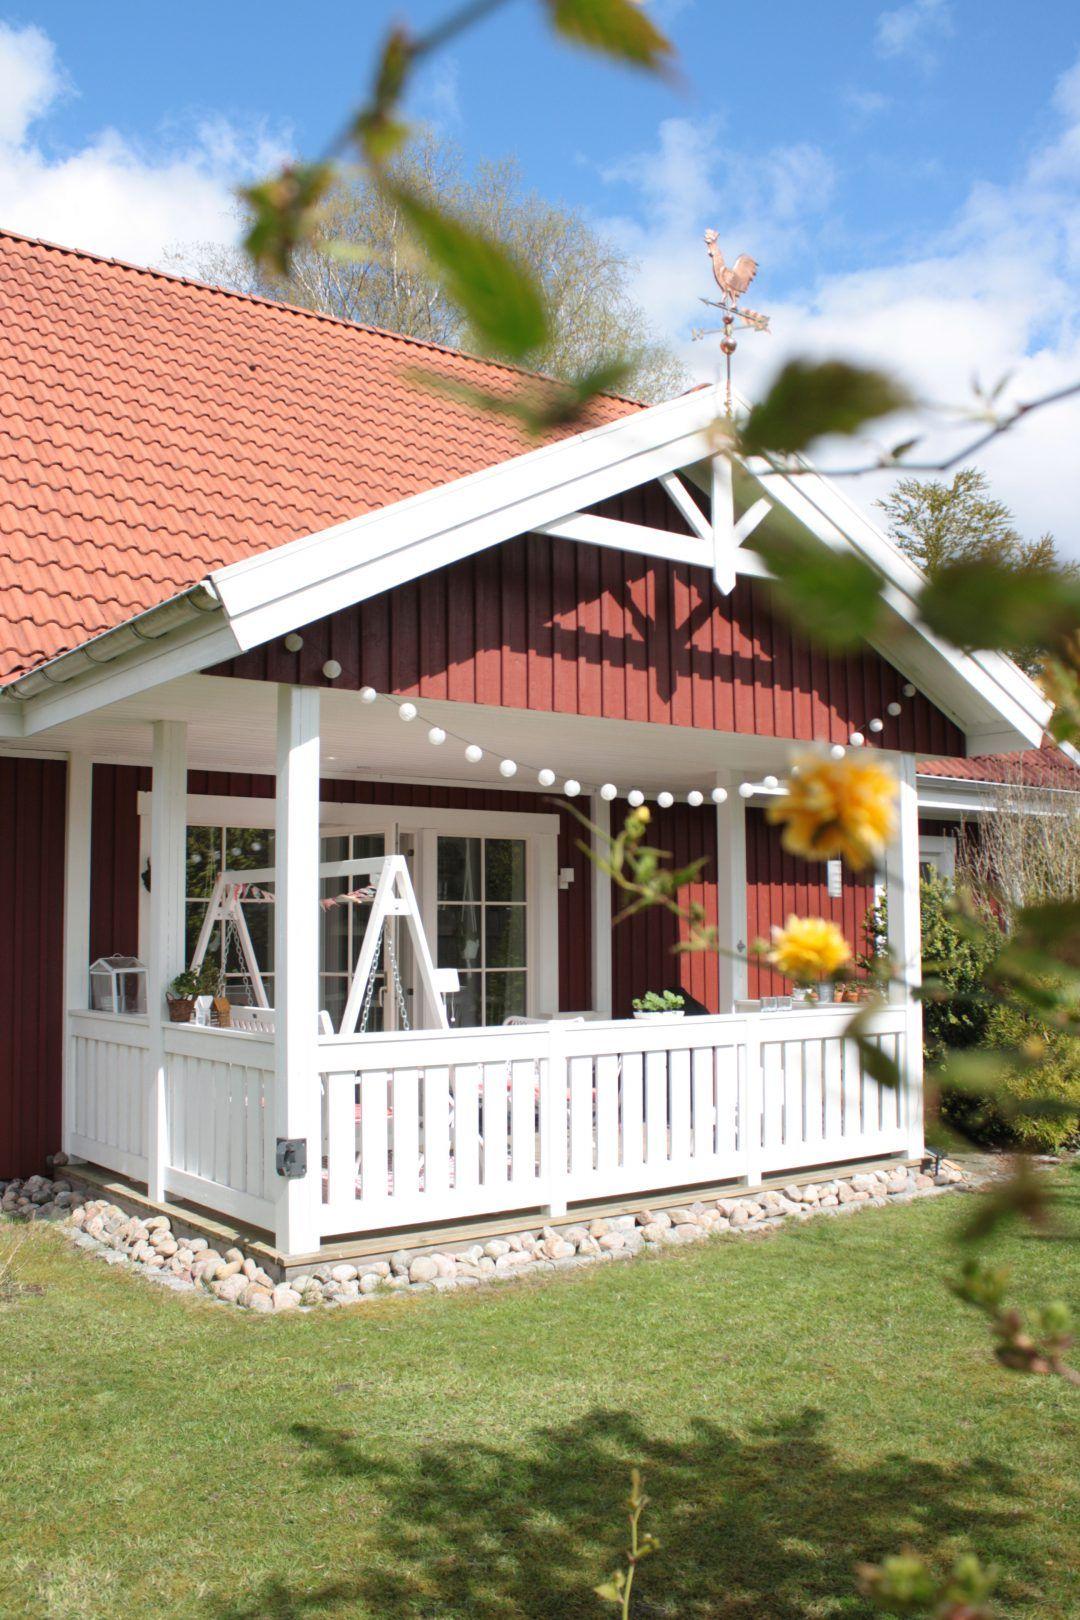 schwedenhaus veranda swedish house in 2018 pinterest haus haus ideen und veranda. Black Bedroom Furniture Sets. Home Design Ideas